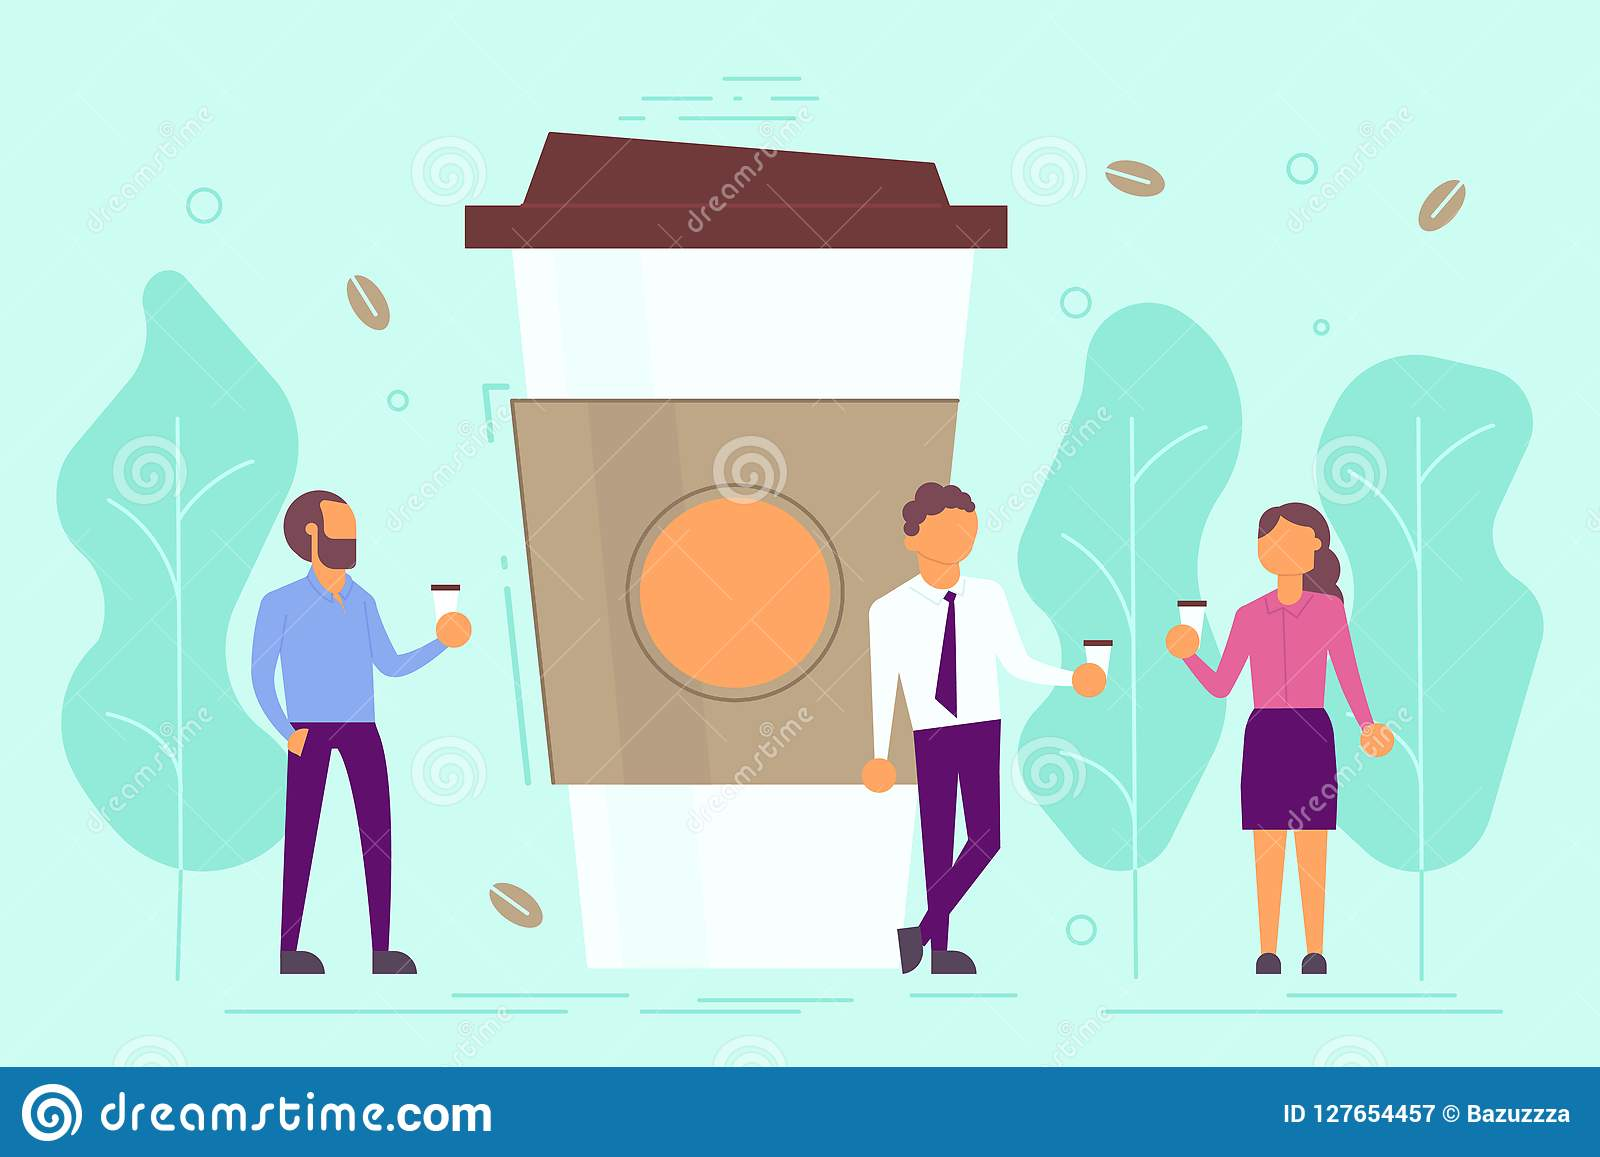 Ilustração do vetor do conceito da ruptura de café no estilo liso